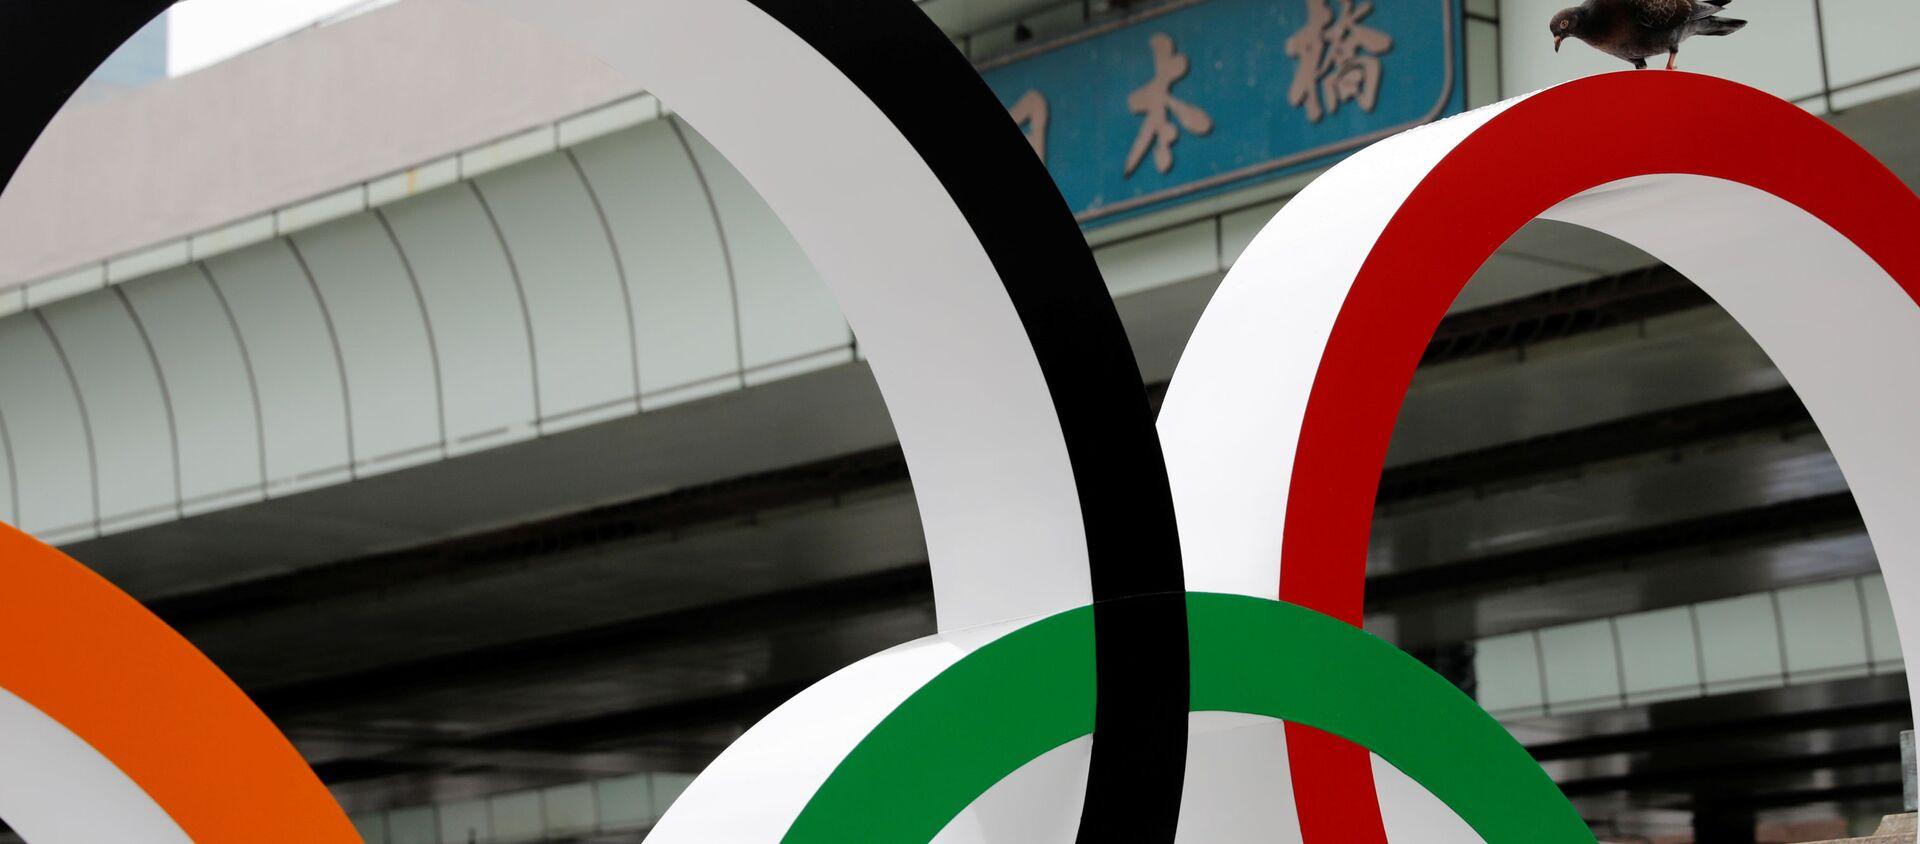 Chim bồ câu đậu trên các vòng tròn Olympic, Tokyo  - Sputnik Việt Nam, 1920, 14.07.2021